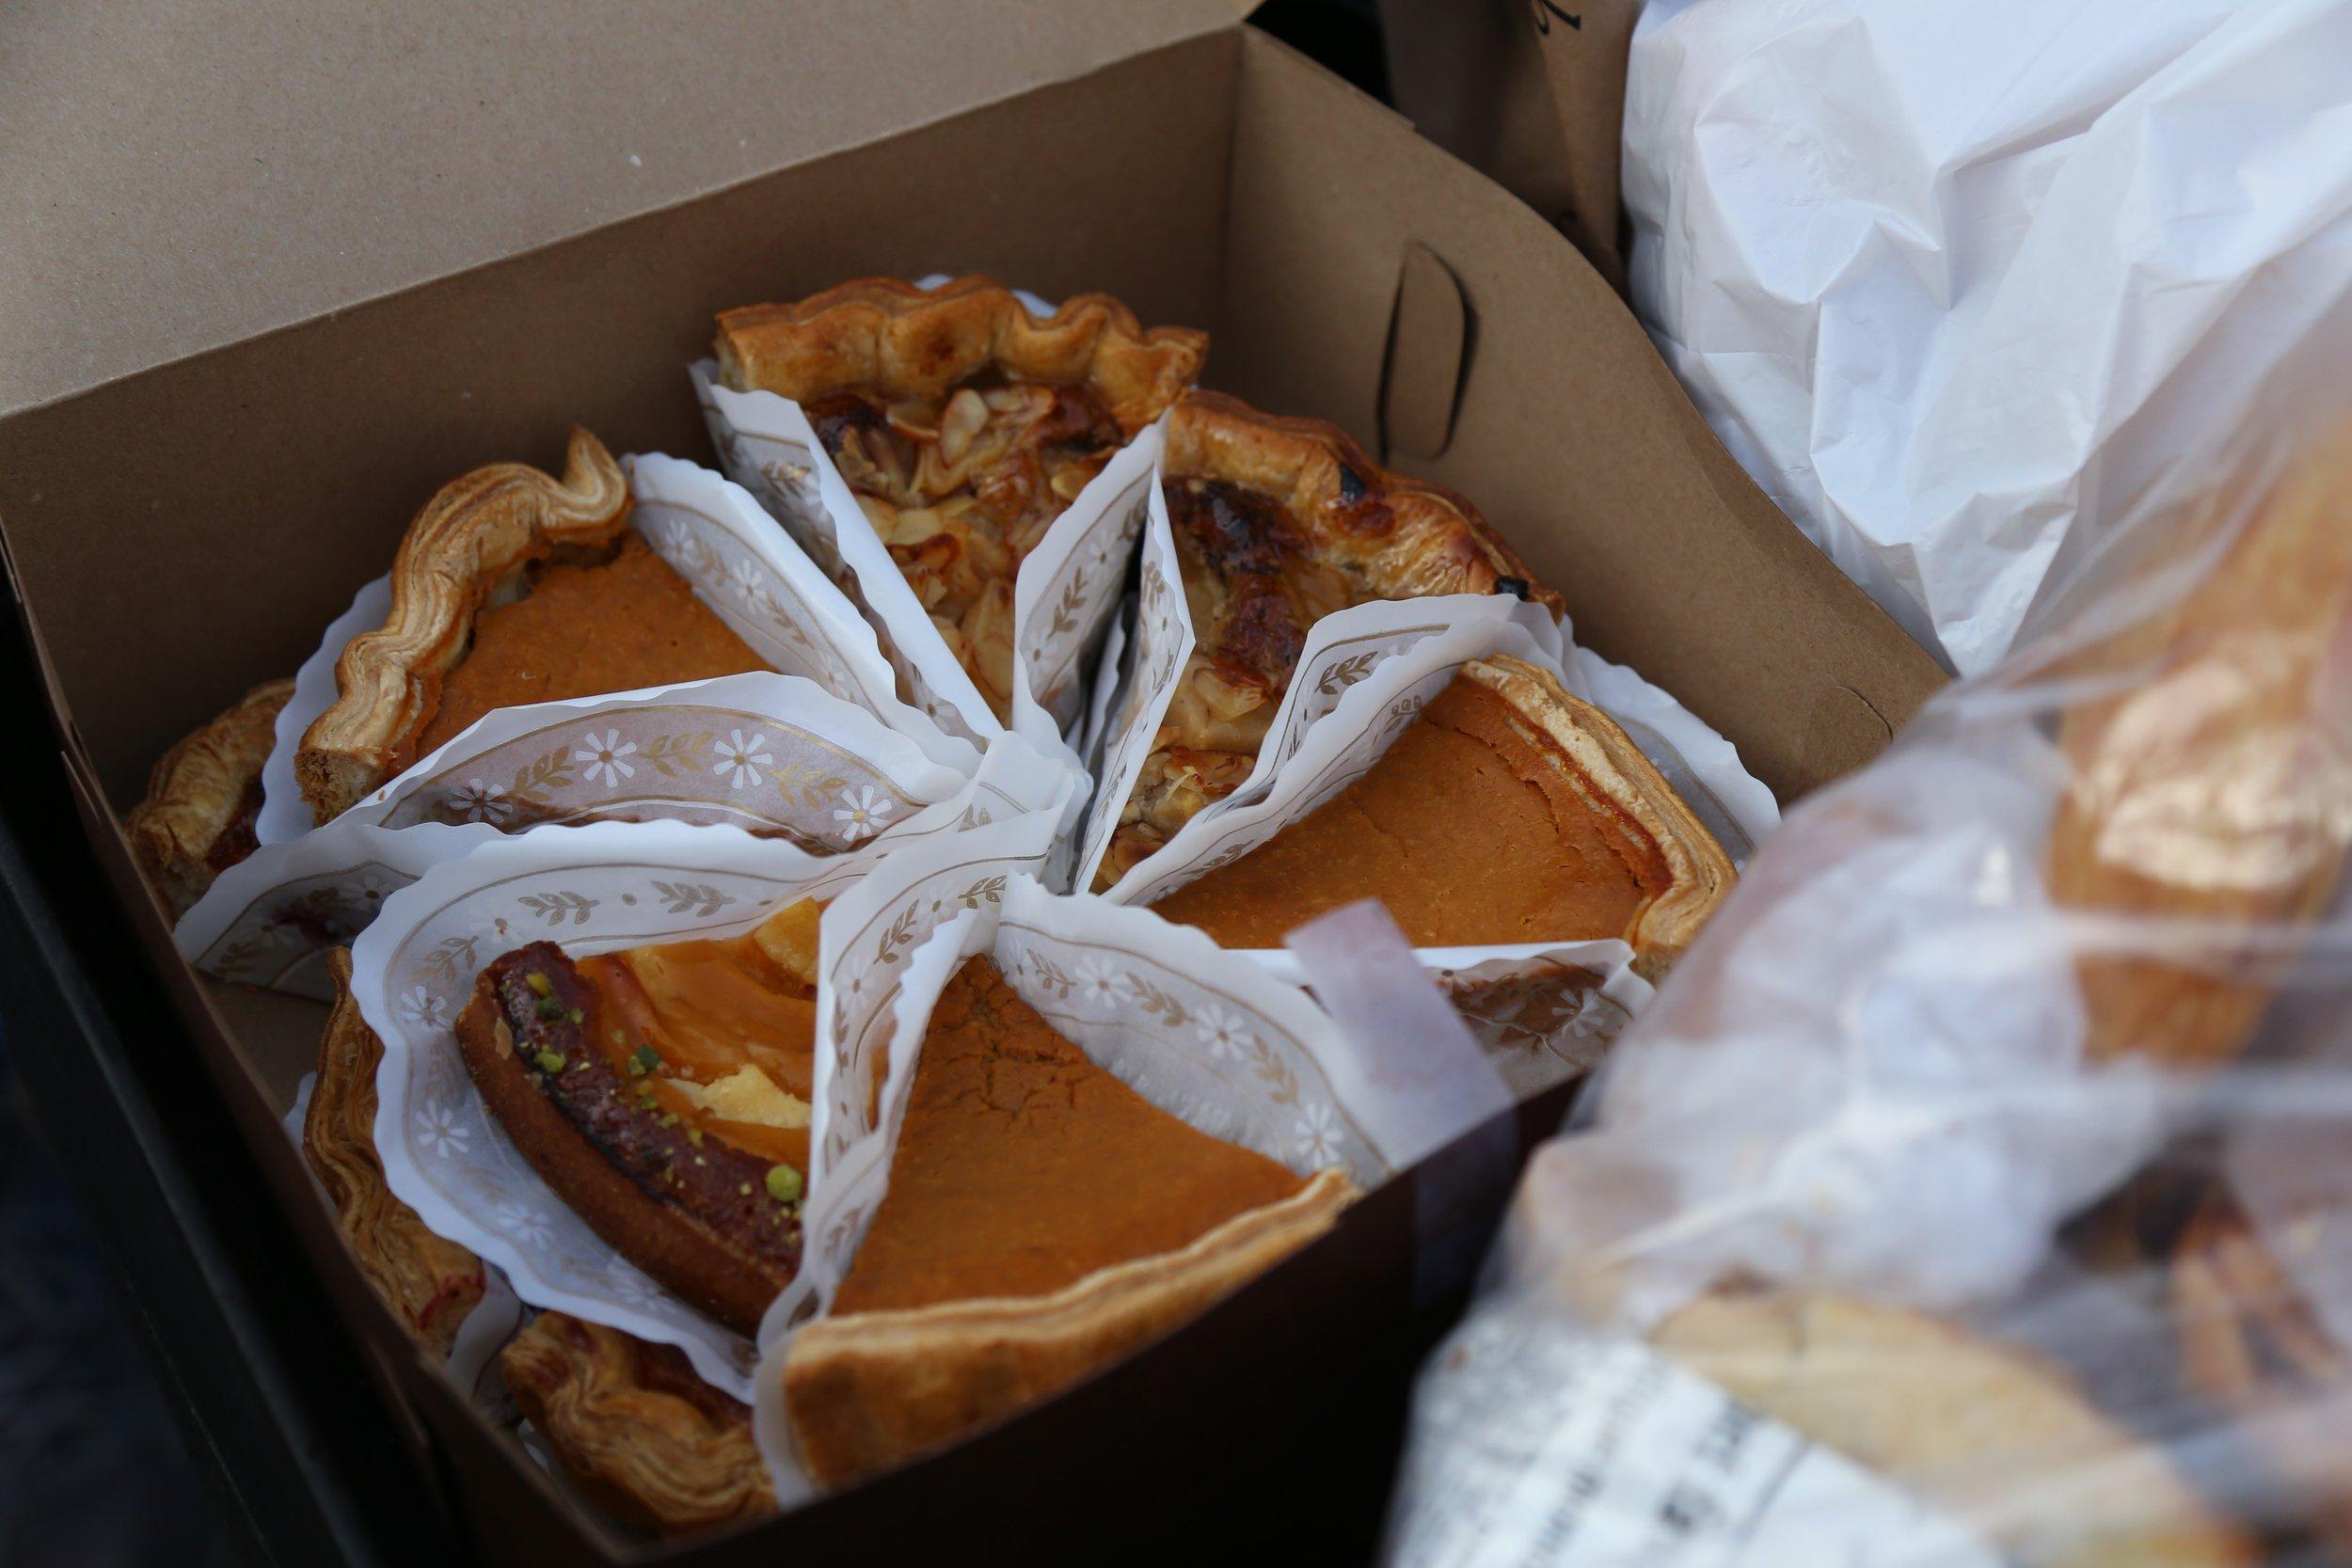 Le Panier donates delicious pastries